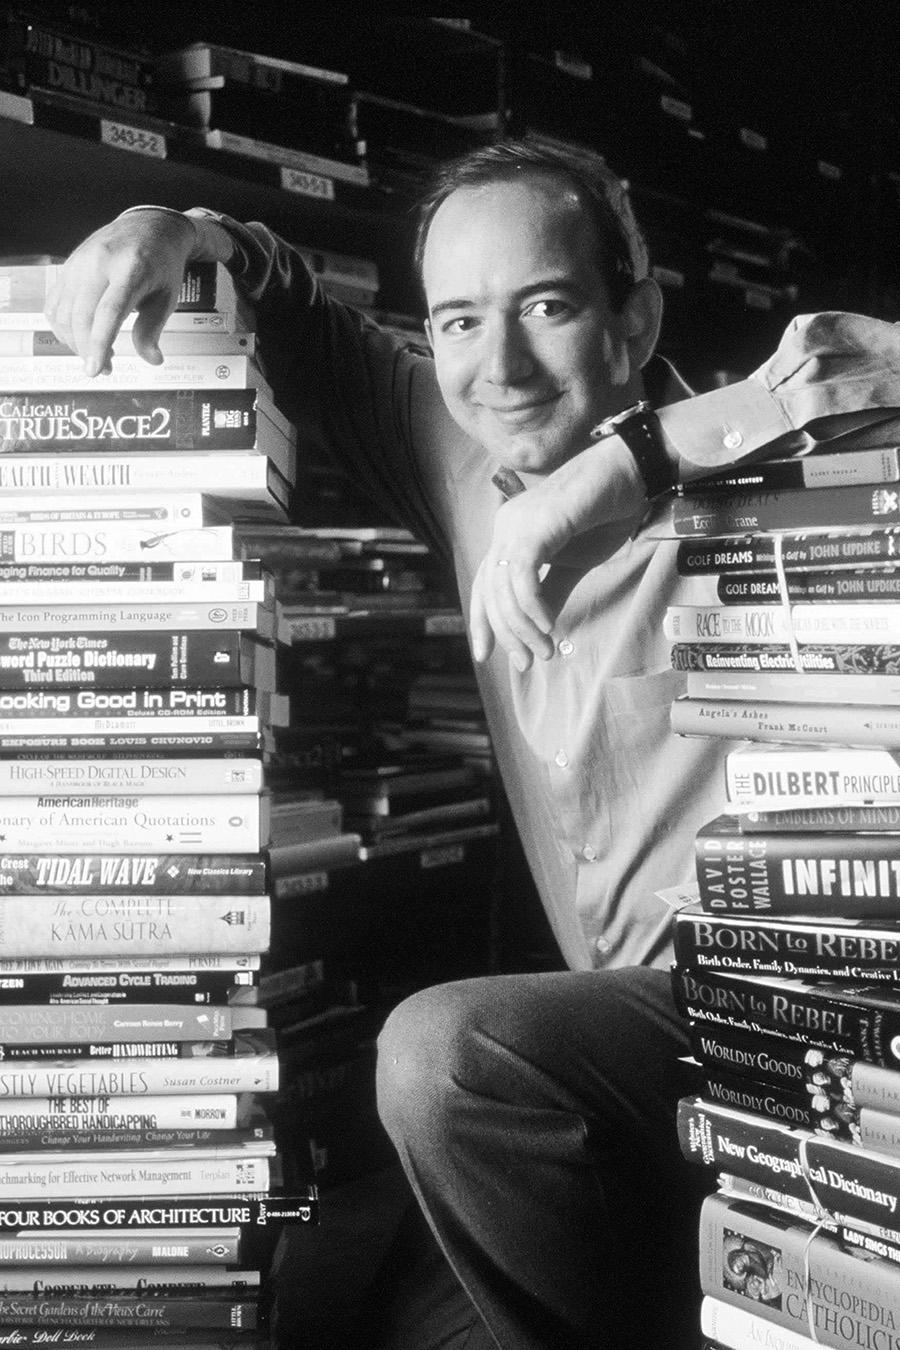 Джефф Безос, основатель и генеральный директор Amazon.Com, 1 января 1997 год